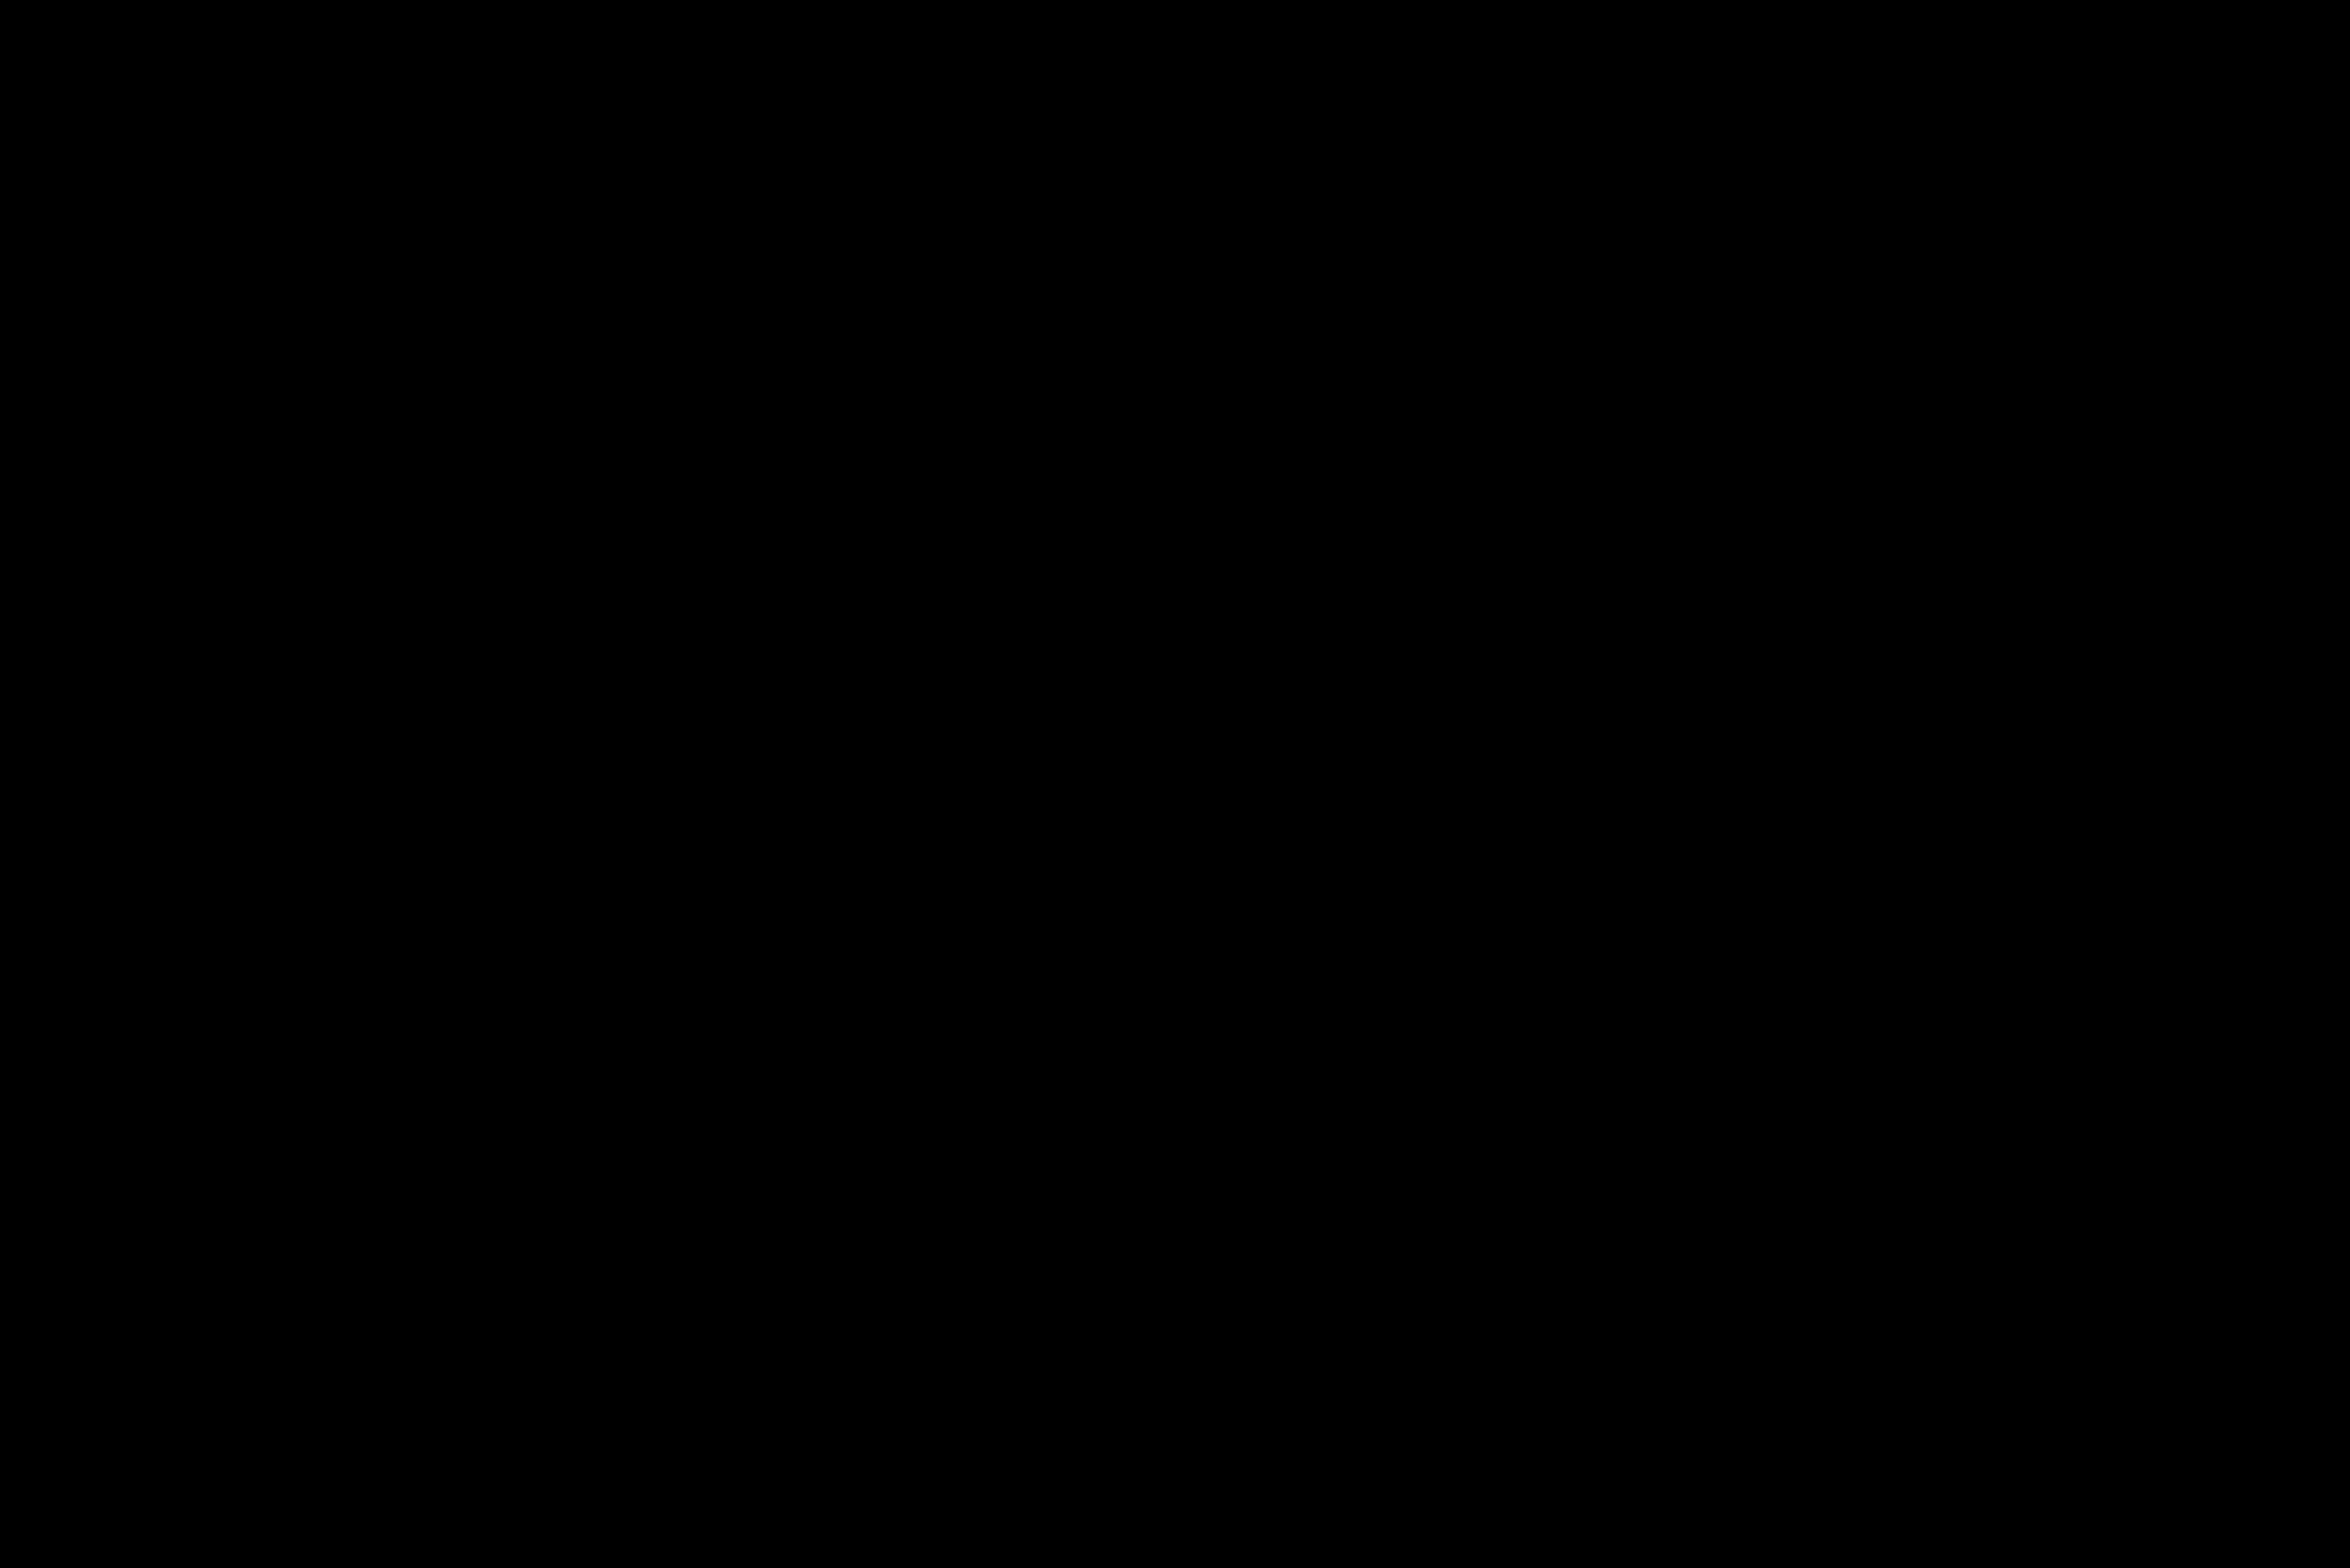 スノーボードを持った男性